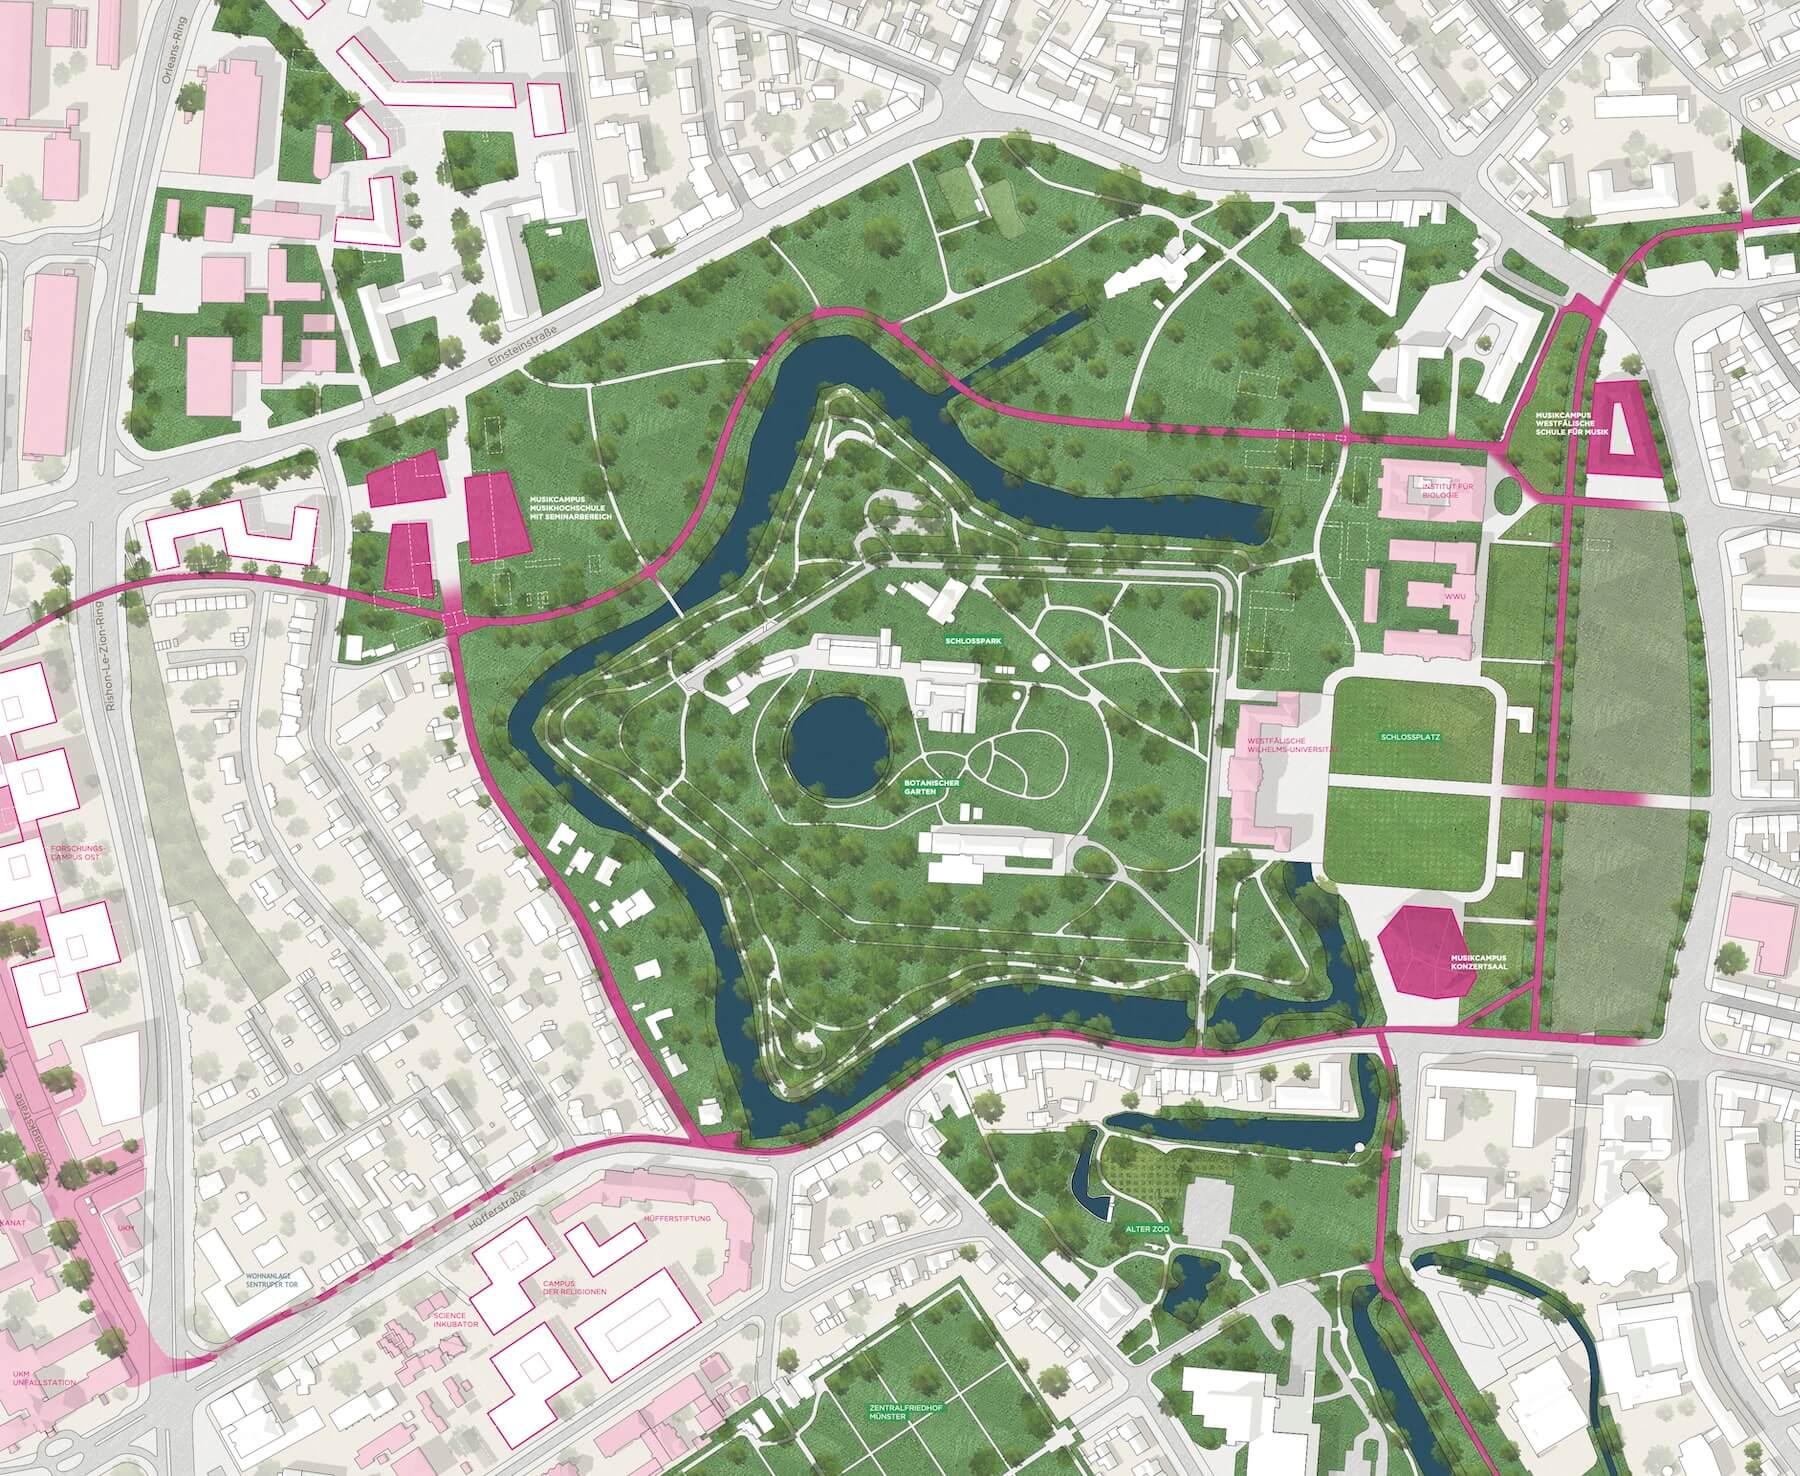 Schlossareal Münster – Entwurf: Urban Catalyst – Quelle: Stadt Münster, Dezernat für Planung, Bau und Wirtschaft, Internationale Ideenwerkstatt Münster